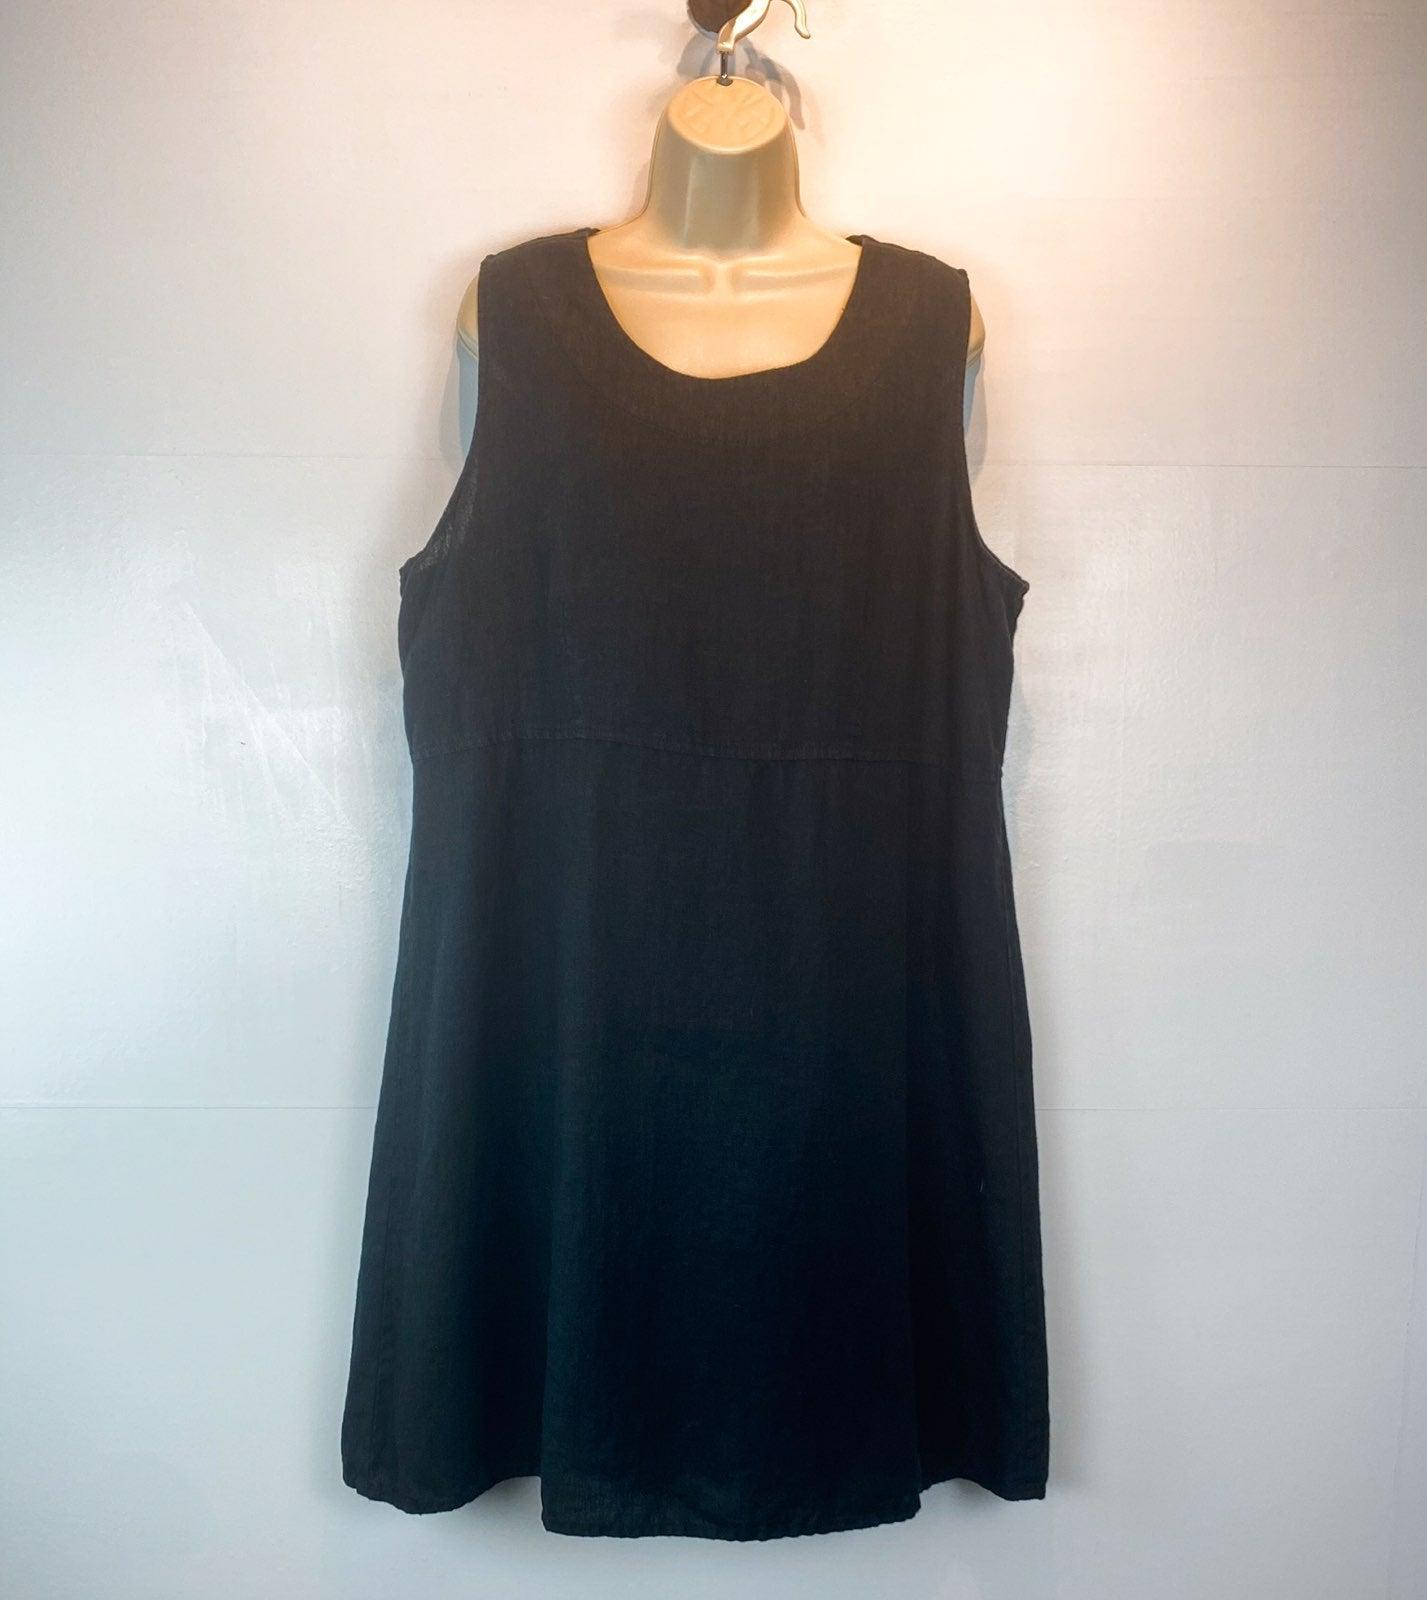 Flax sleeveless linen dress Large